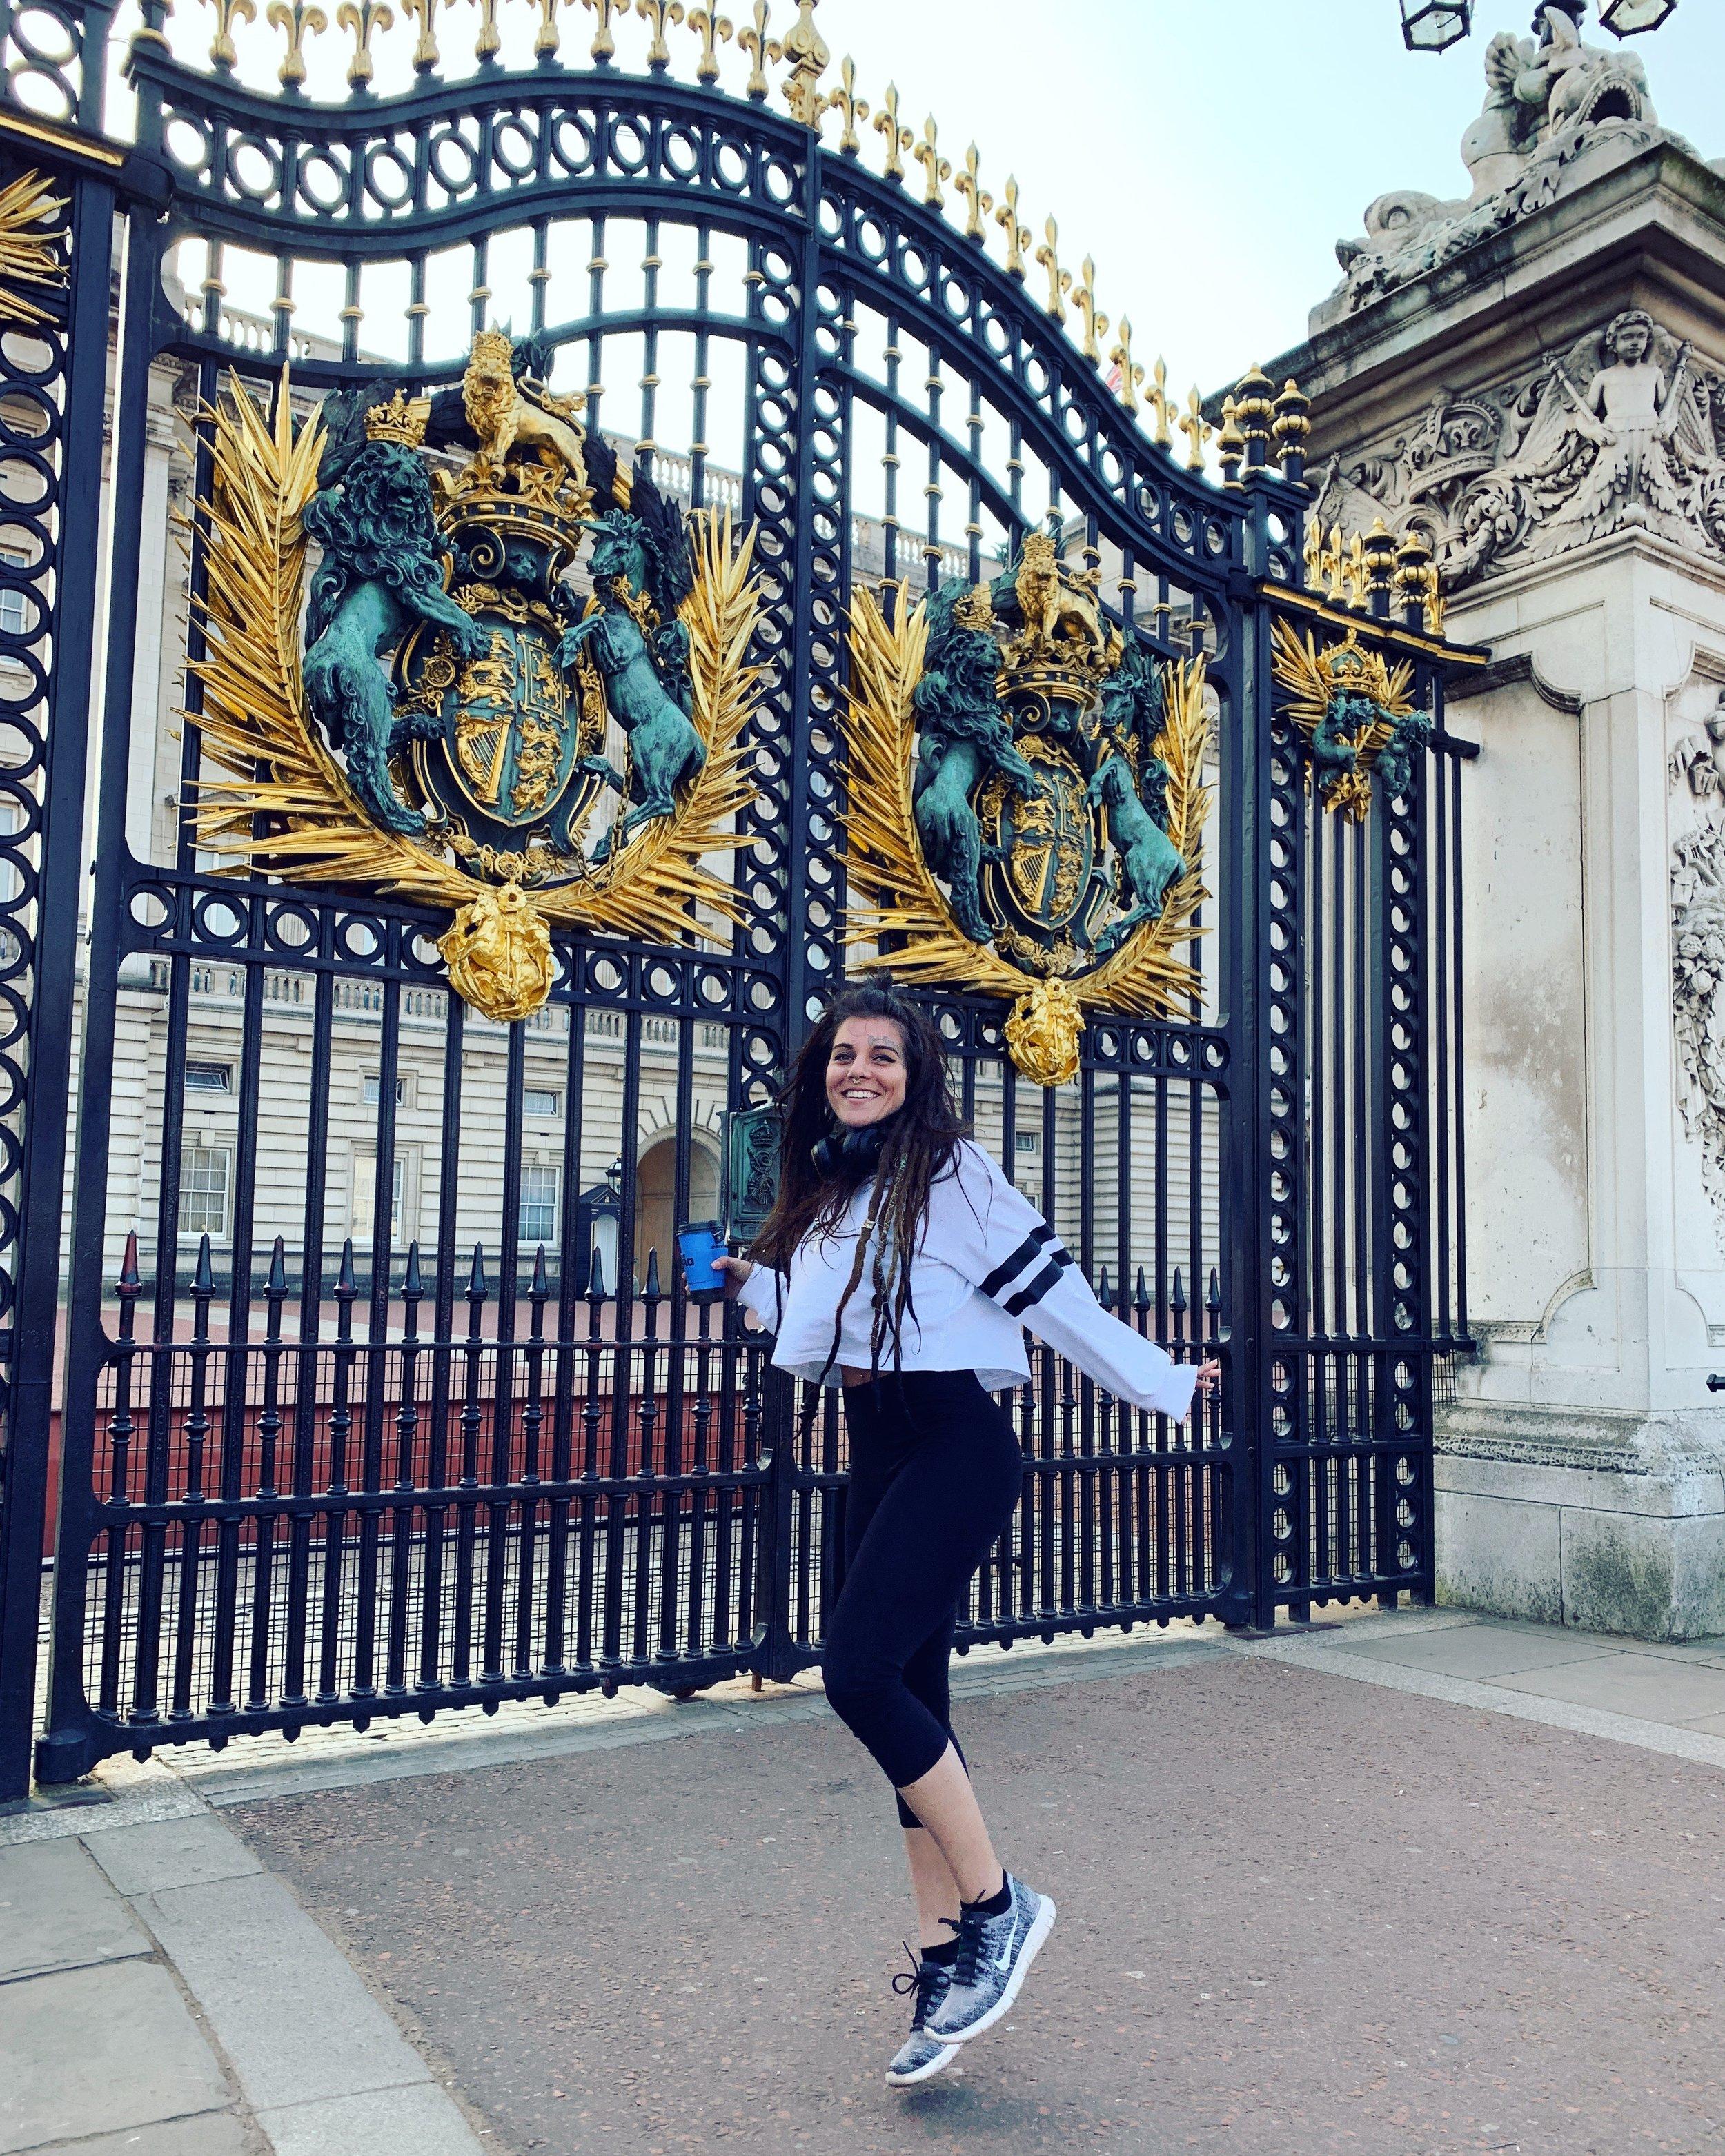 Buckingham Palace (London, United Kingdom)